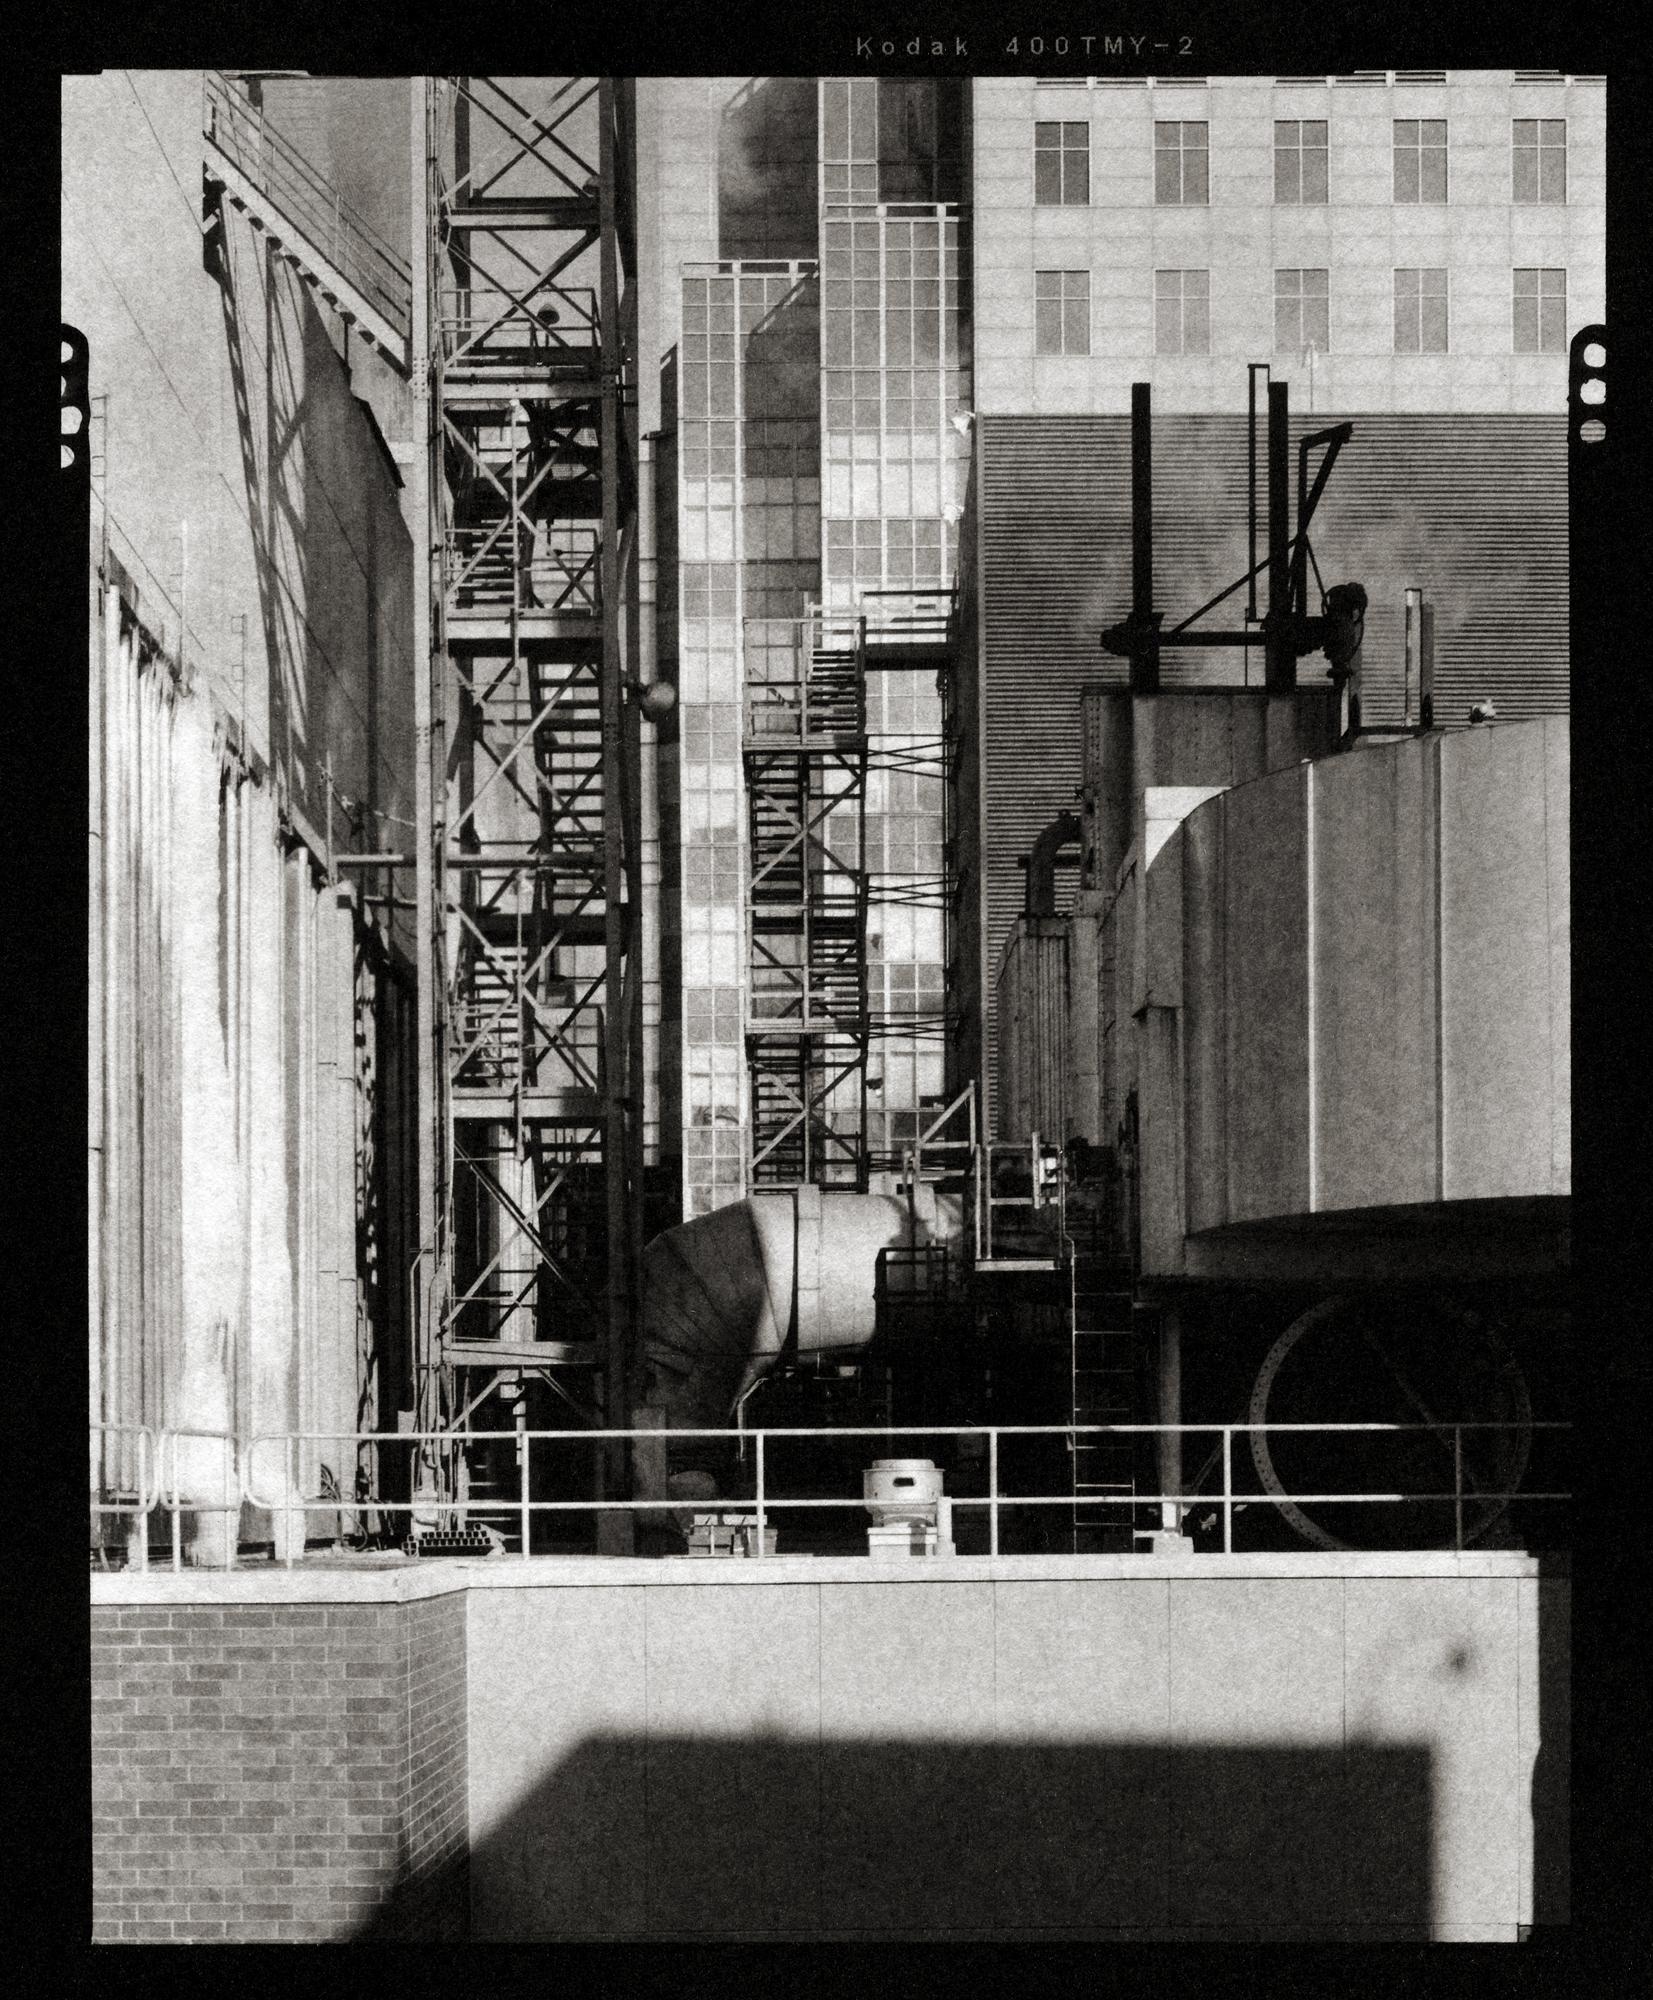 Boston Cityscape 4